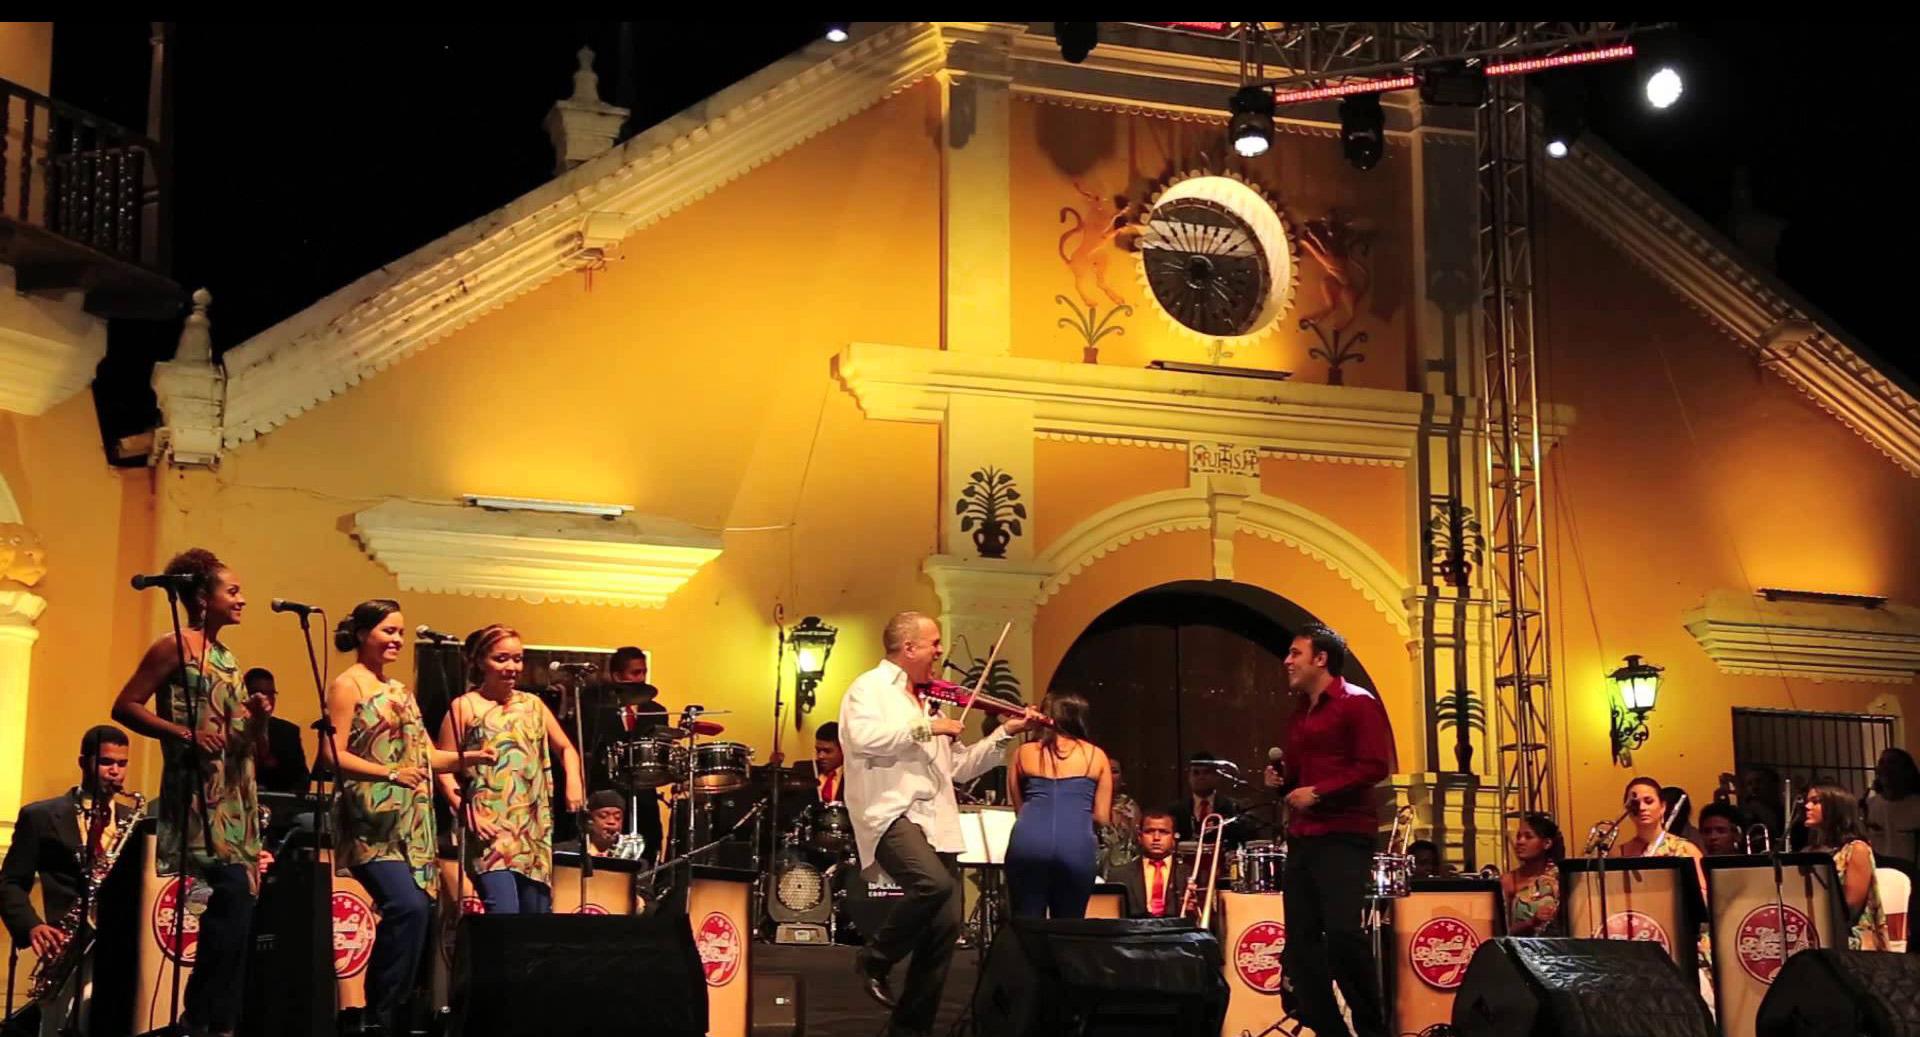 La música dominicana enciende la llama del Mompox Jazz Festival en Colombia